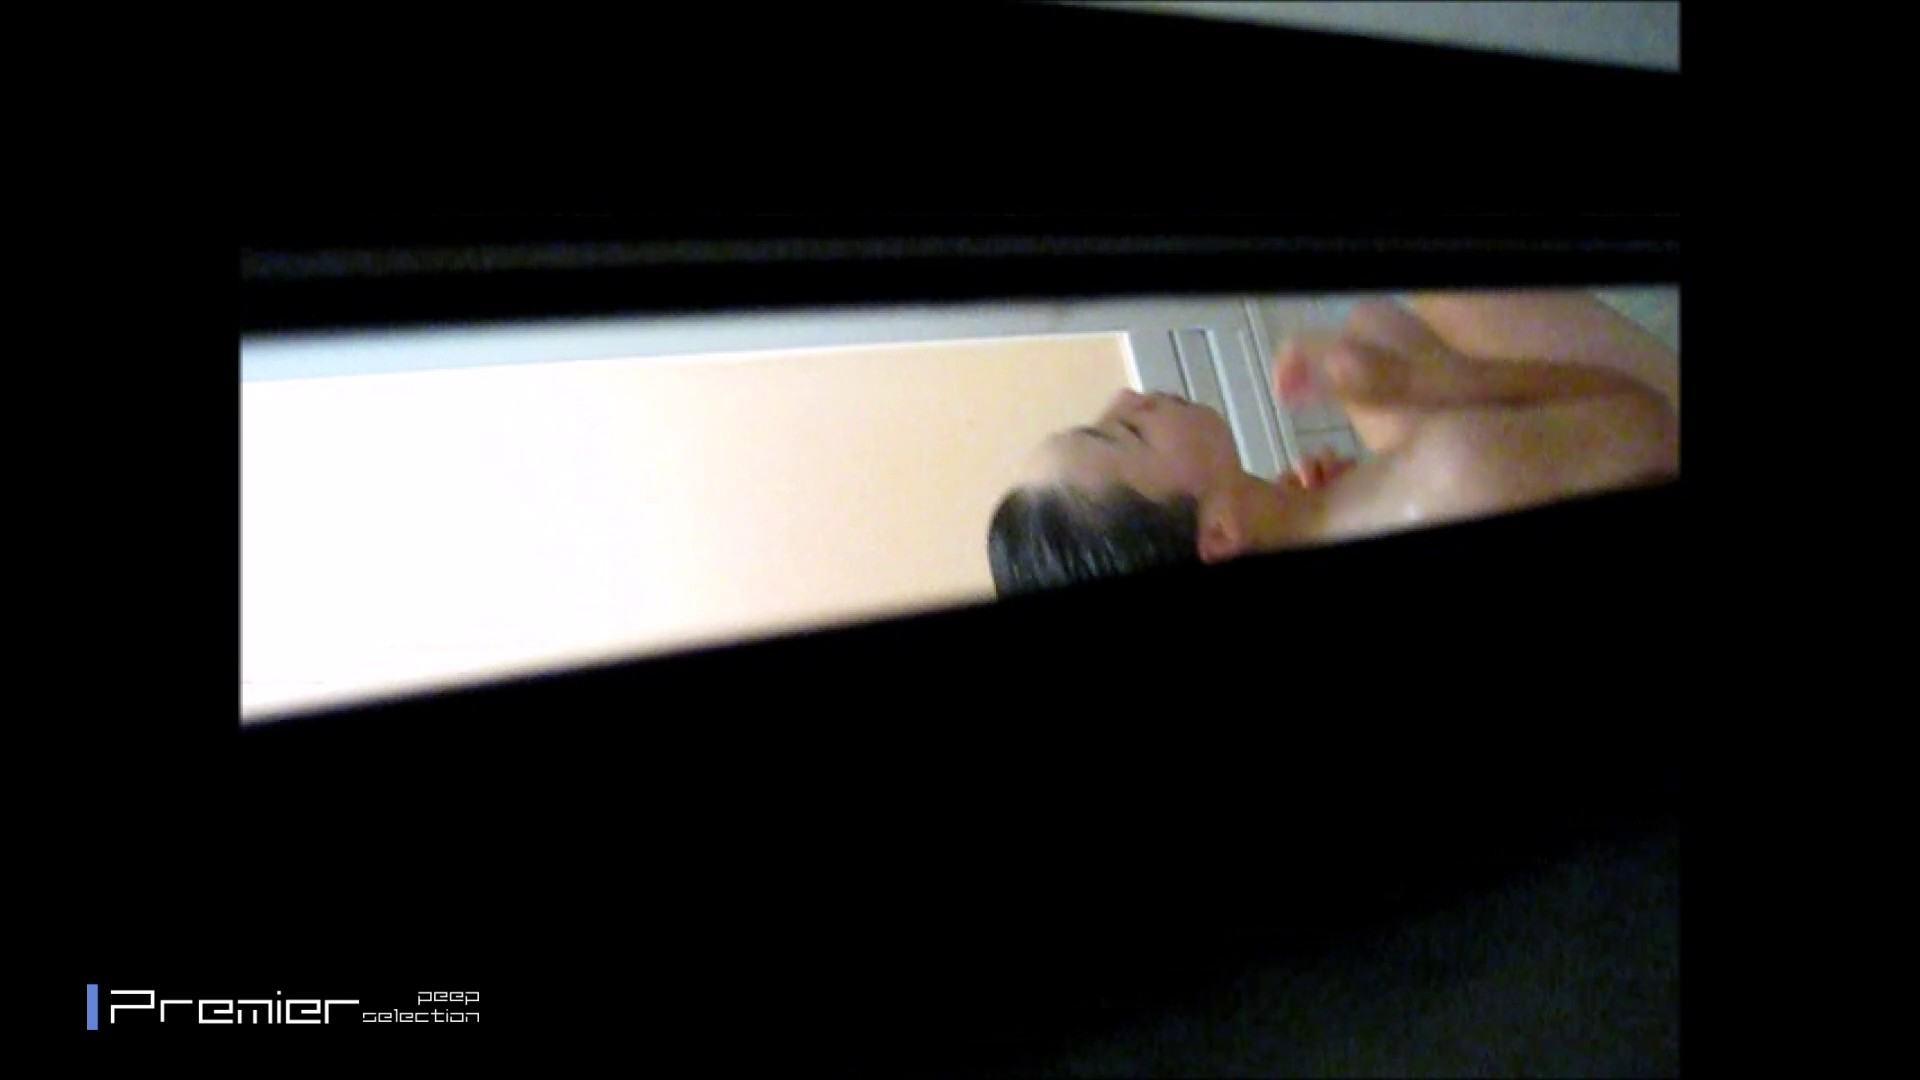 スレンダー美女の桃色乳首 乙女の風呂場 Vol.09 盗撮 オマンコ動画キャプチャ 77PIX 19